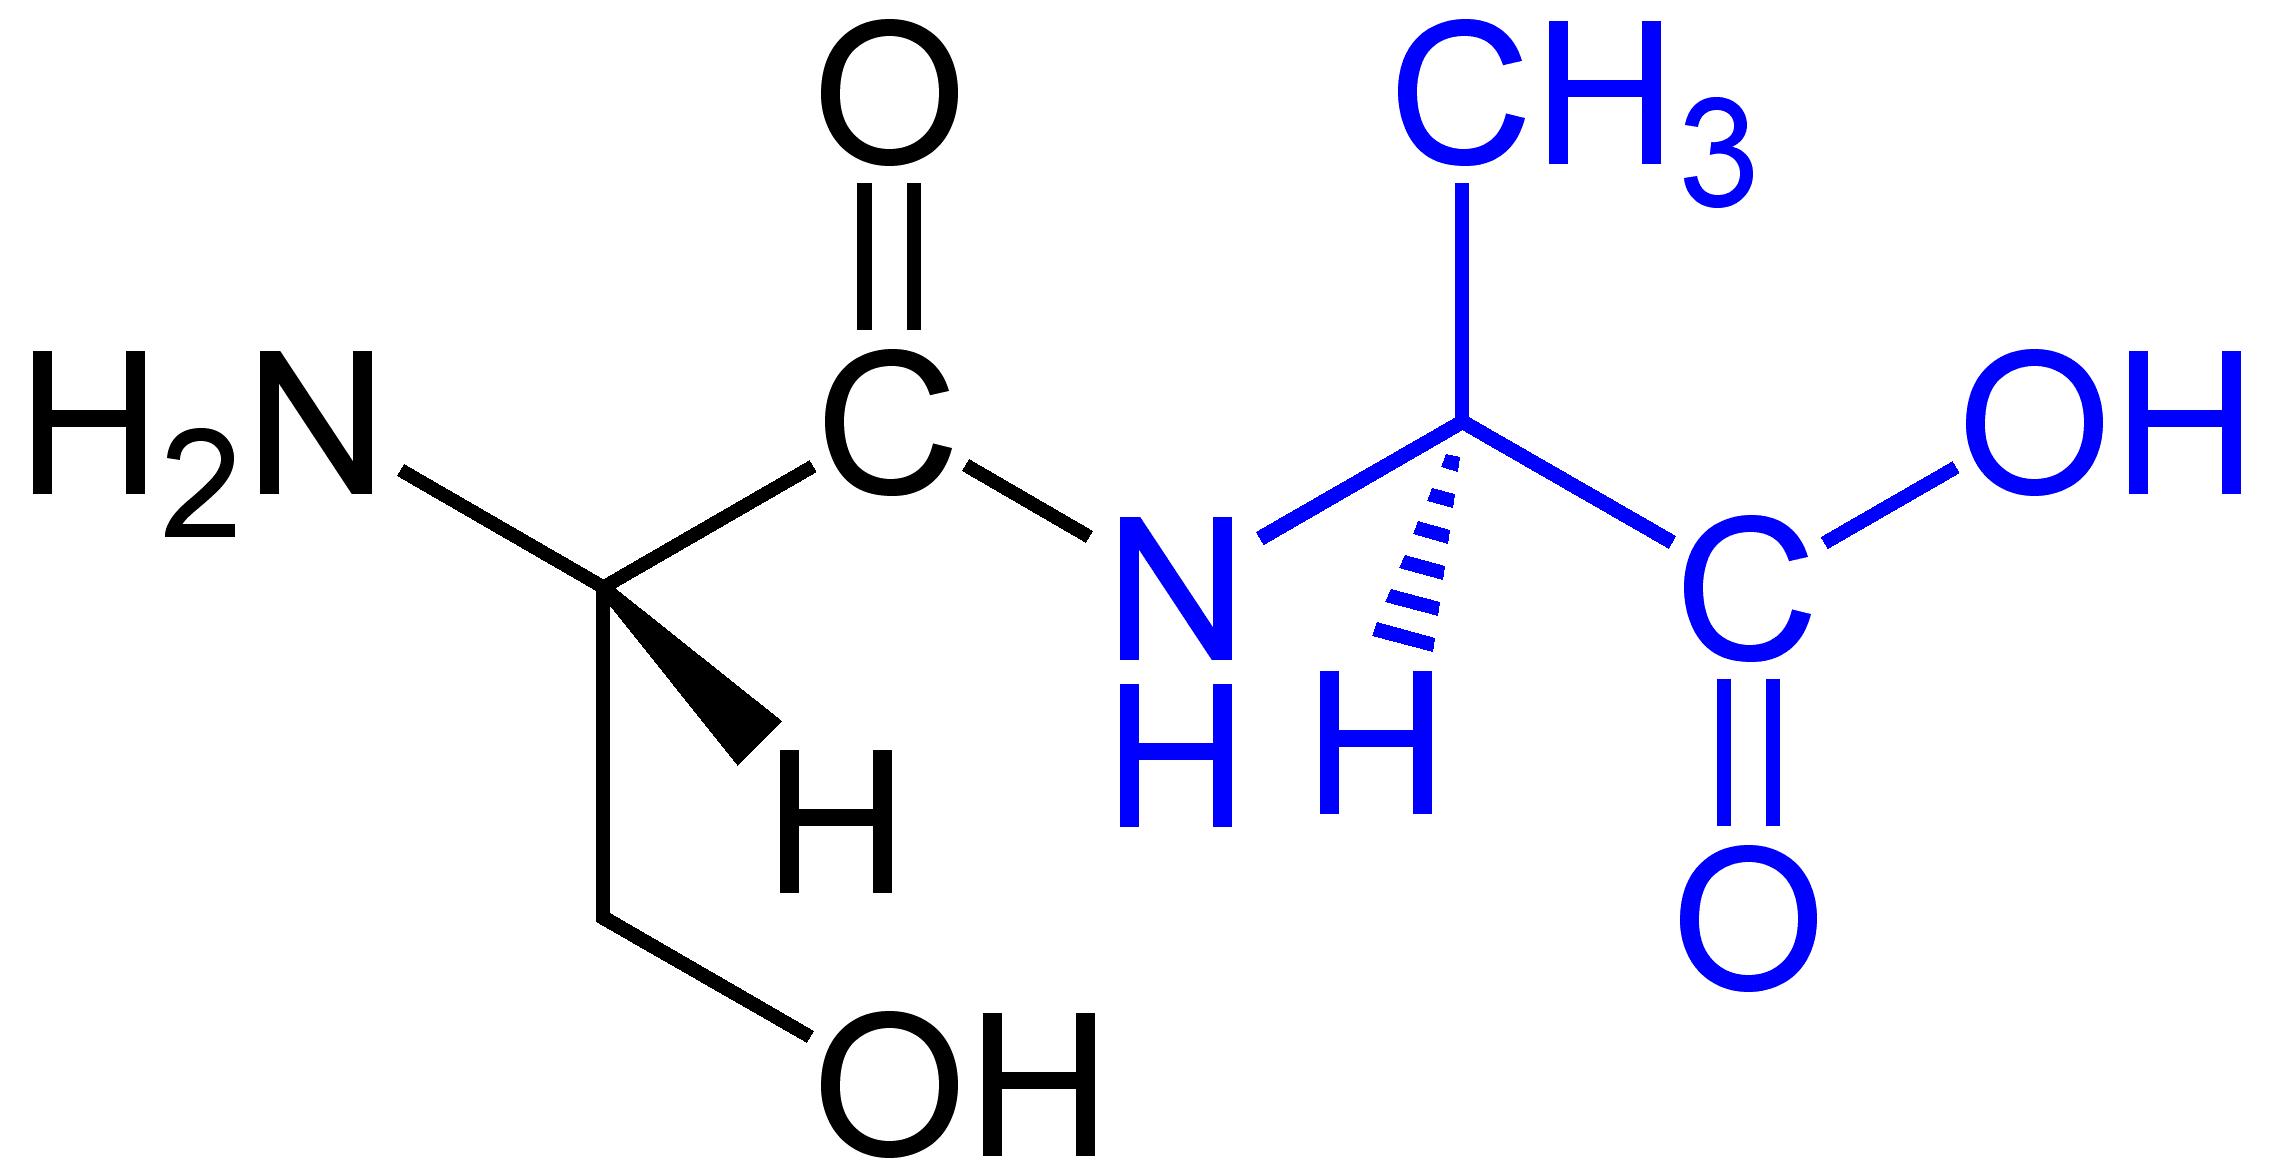 file:dipeptide structural formulae v.1.png dipeptide diagram